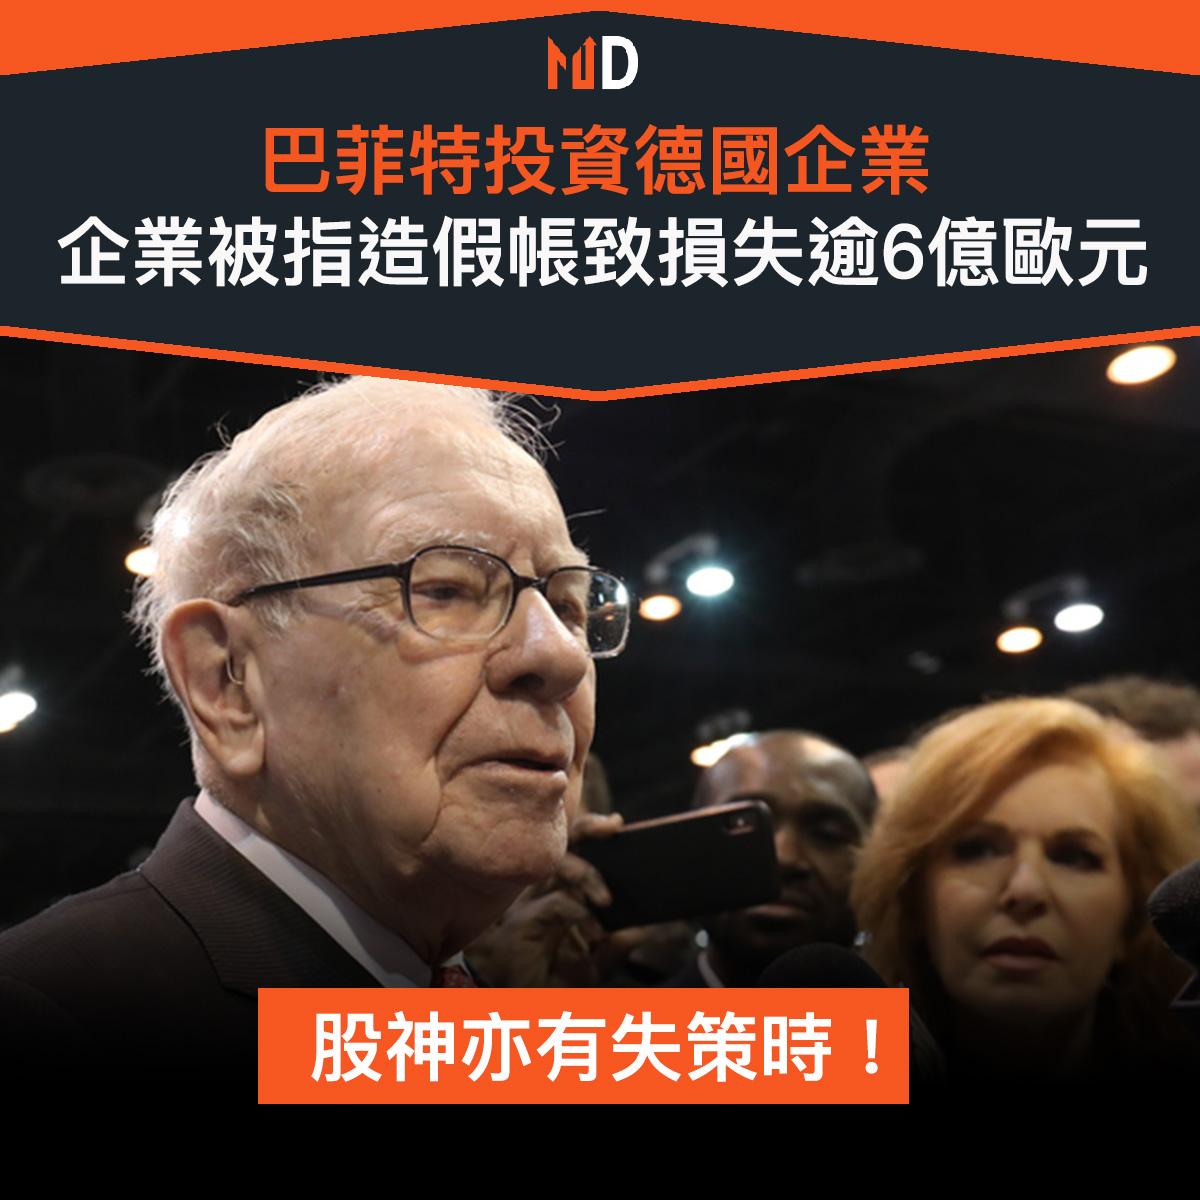 【市場熱話】巴菲特投資德國企業,企業被指造假帳致損失逾6億歐元